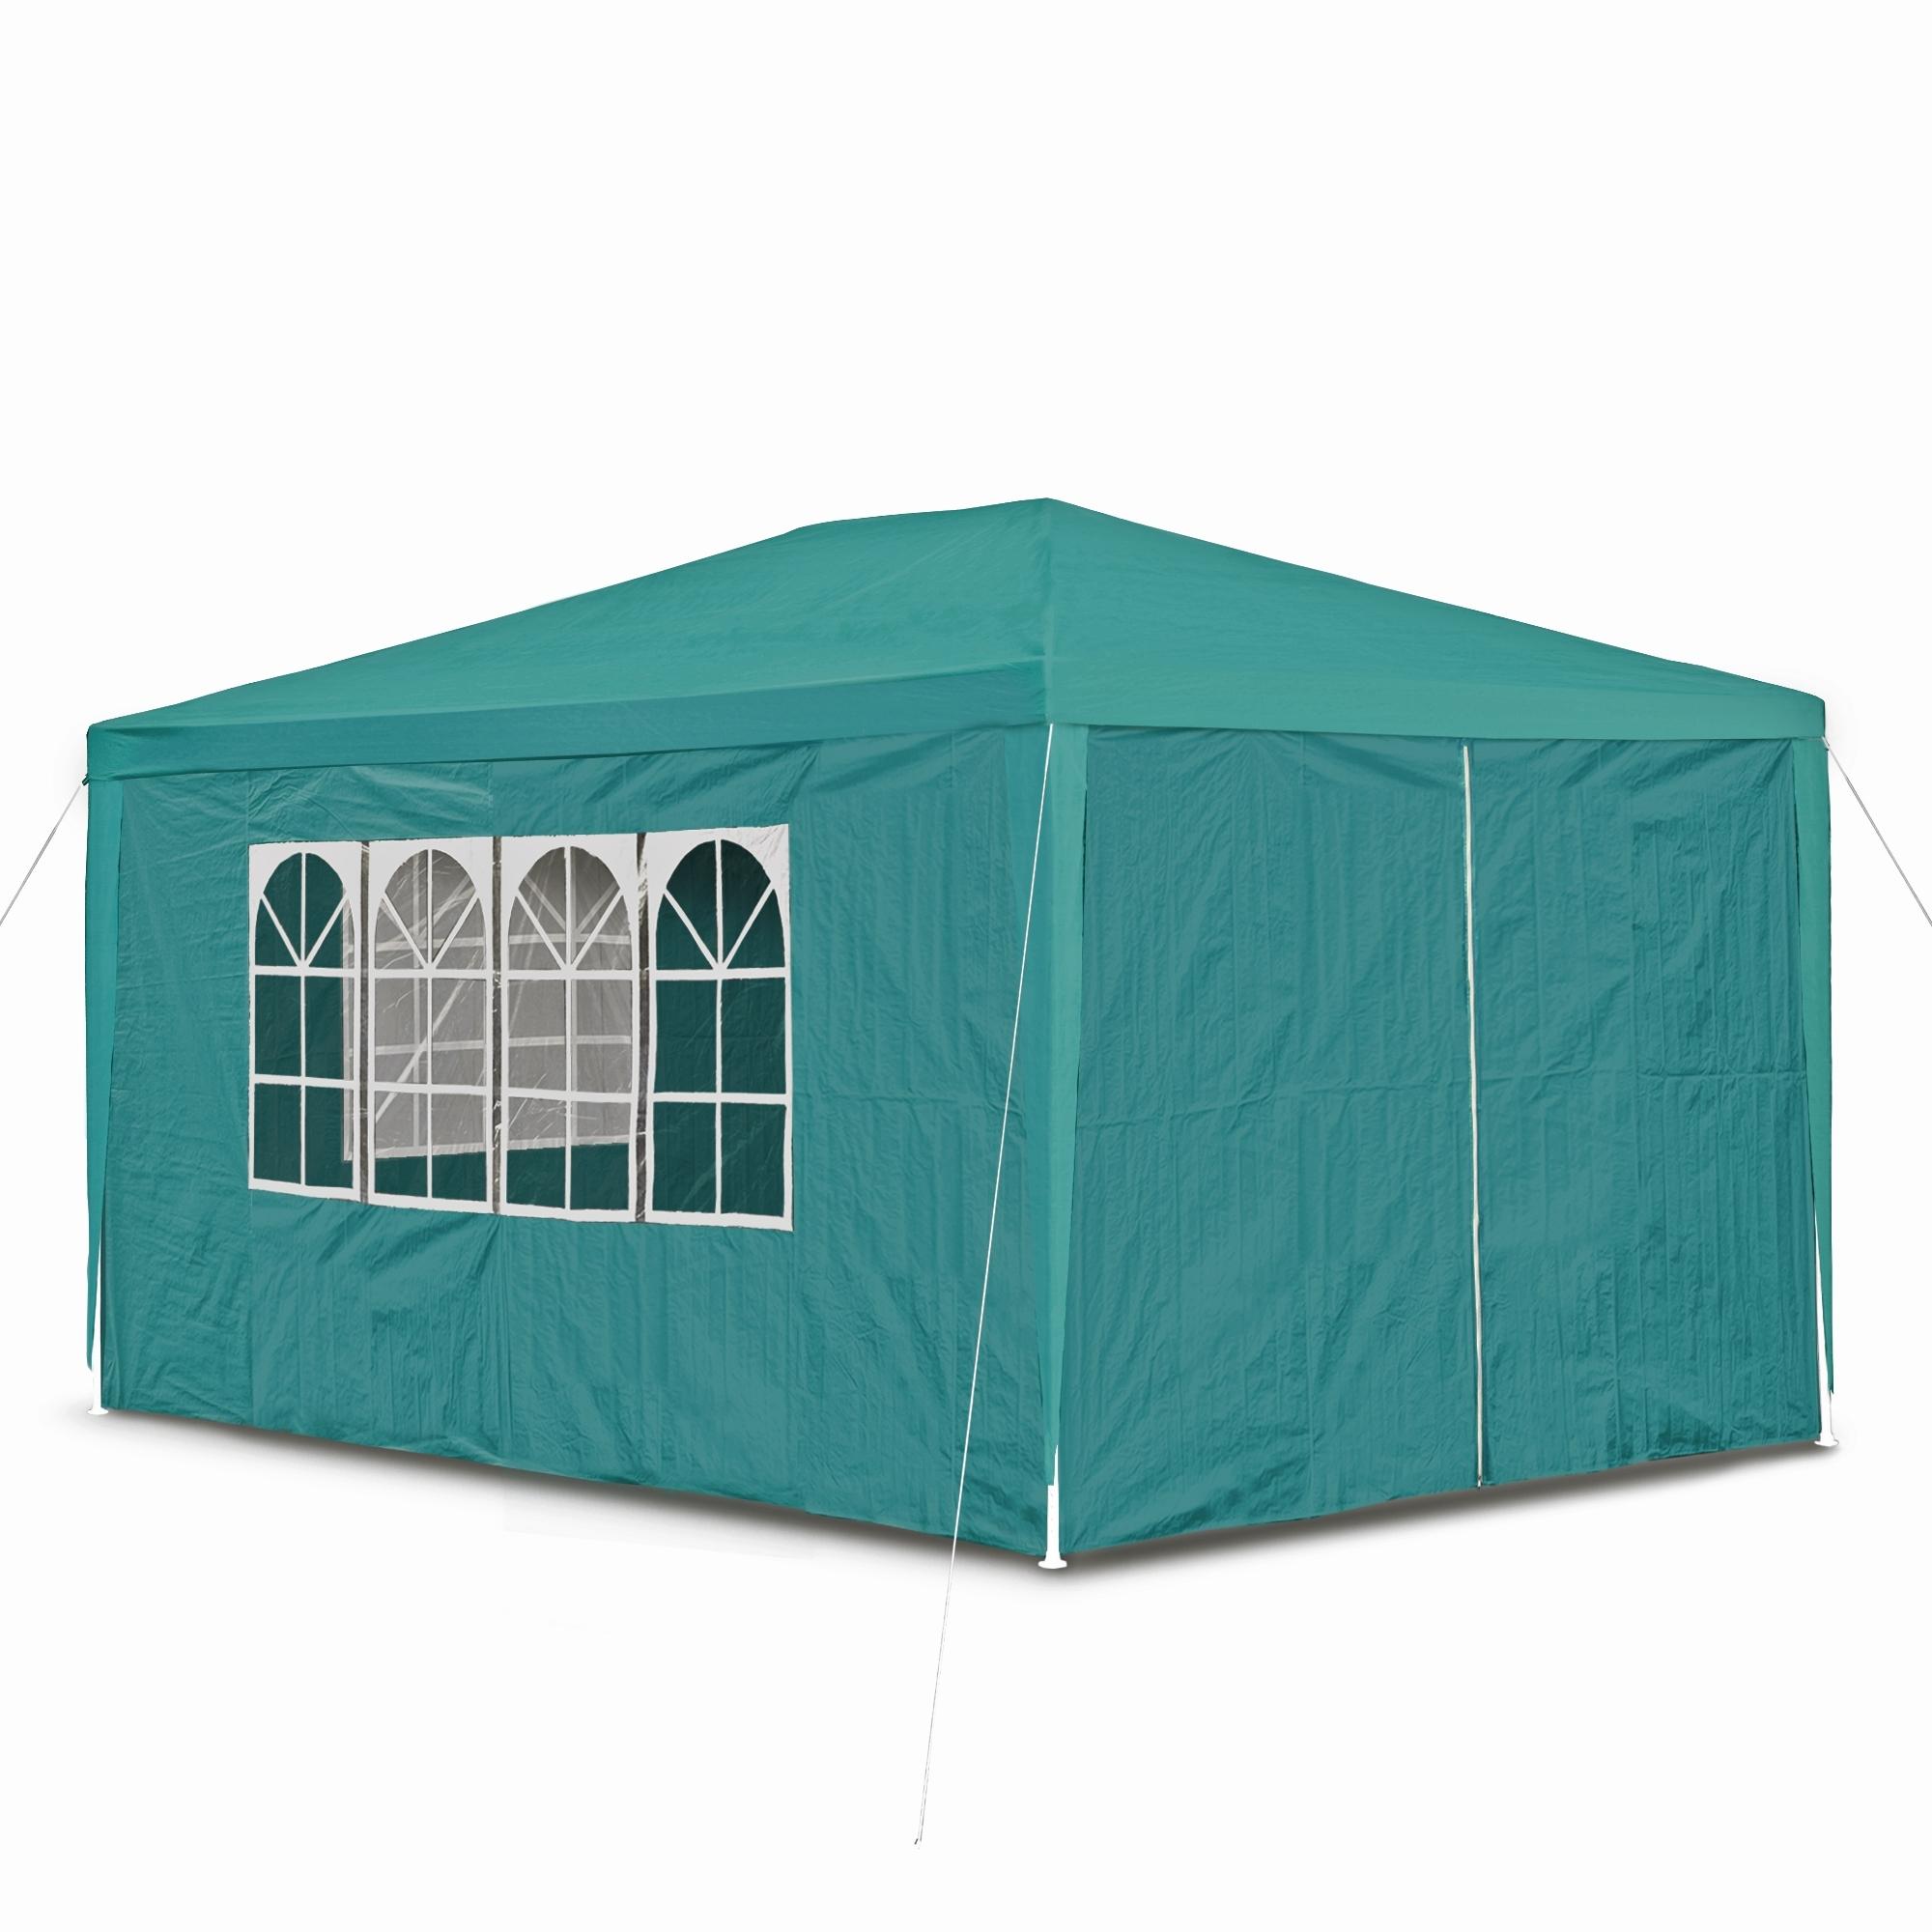 gartenpavillon 3 x 4 m mit 4 seitenw nden 3 x fenster und t r mit reisverschluss petrol gr n. Black Bedroom Furniture Sets. Home Design Ideas